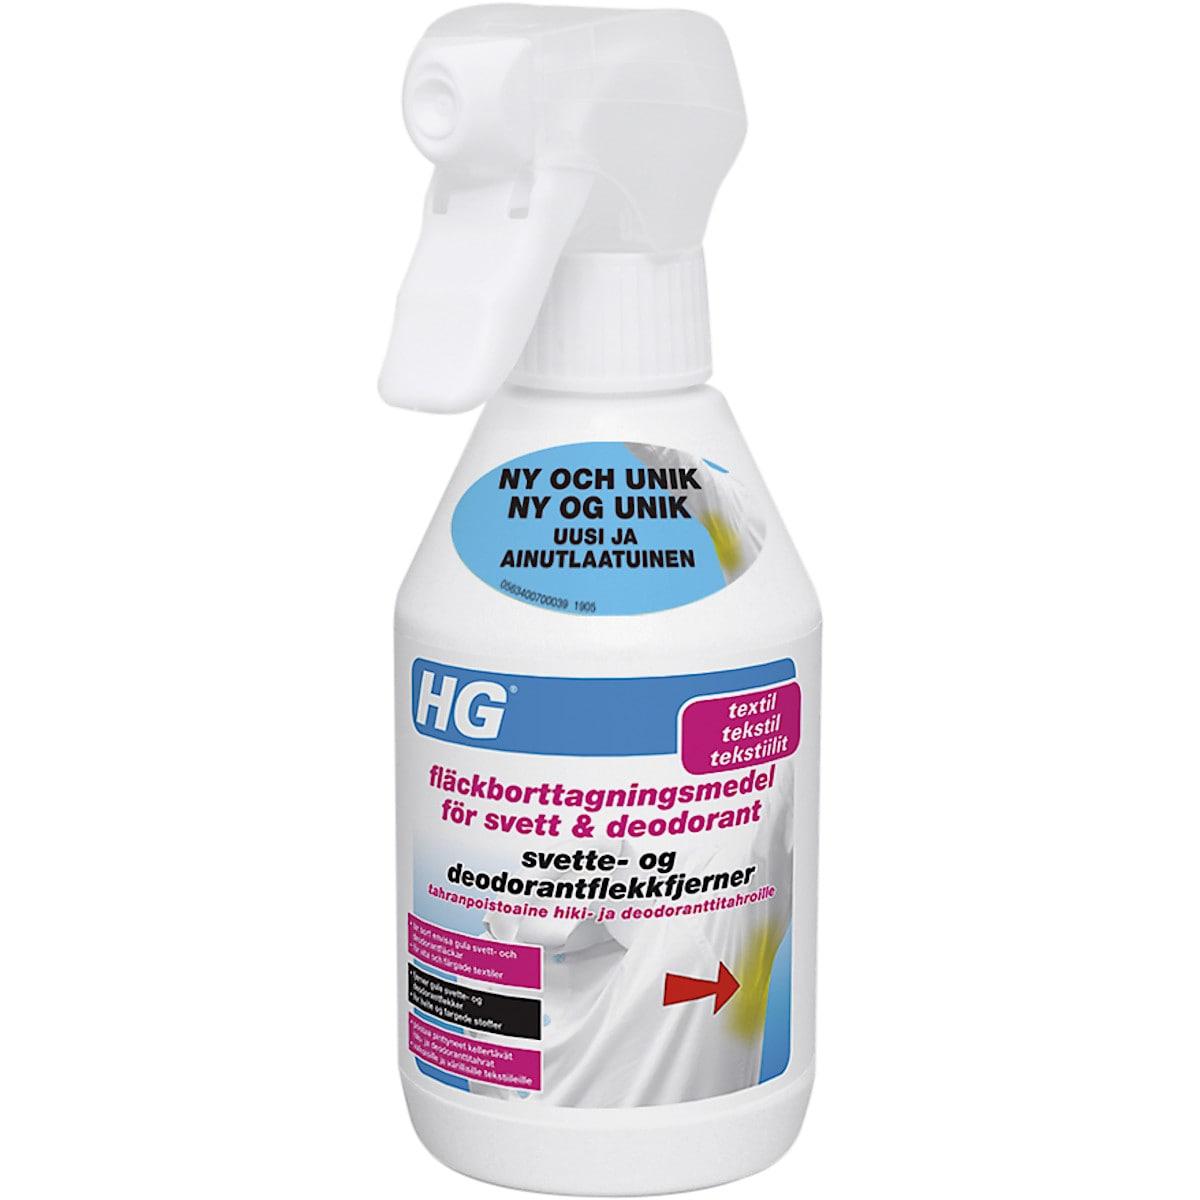 Fläckborttagning för svett och deodoranter HG 250 ml